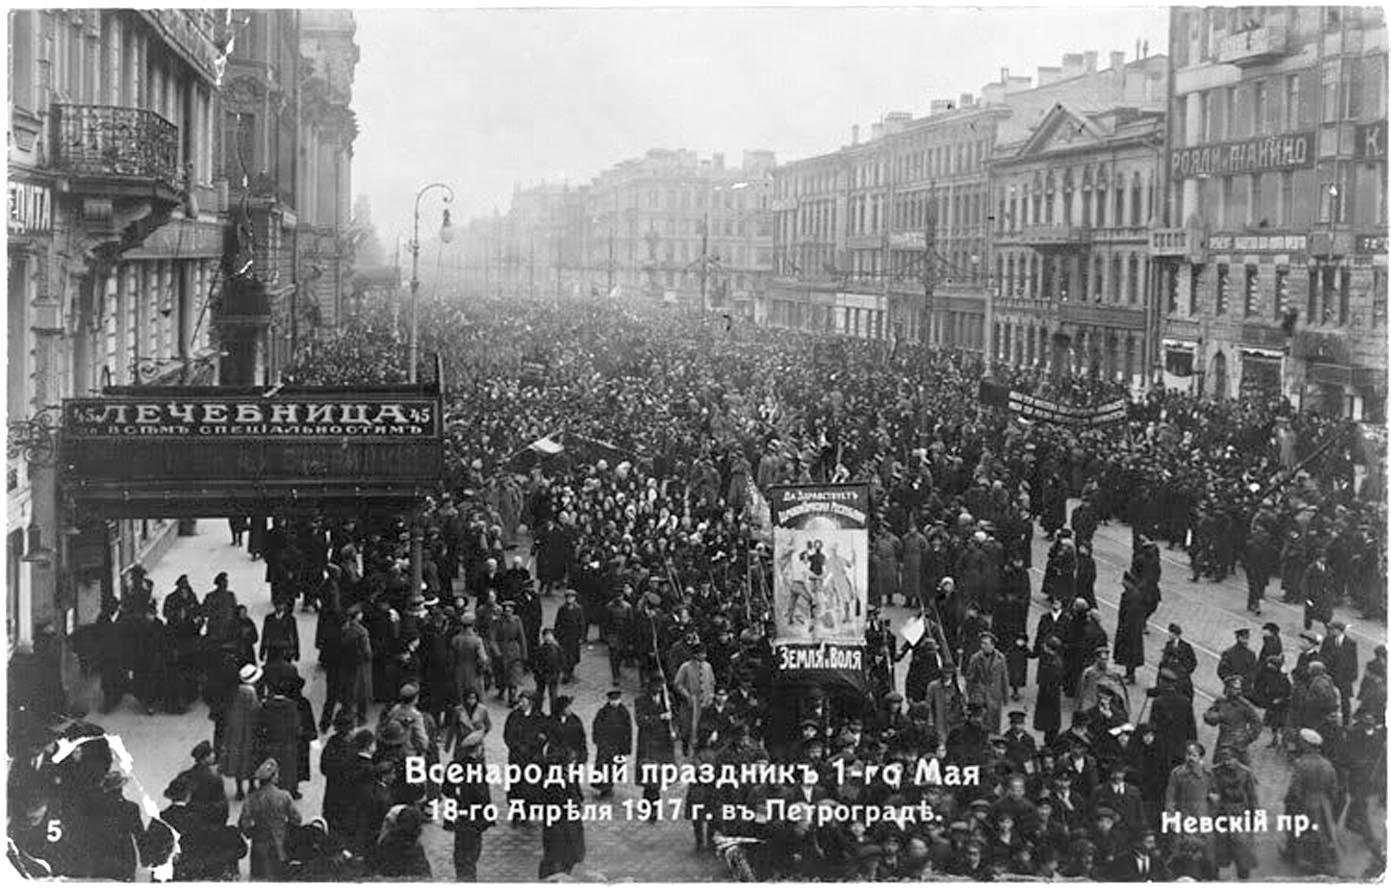 30Всенародный праздник 1-го Мая, 18 апреля 1917 г. Невский проспект